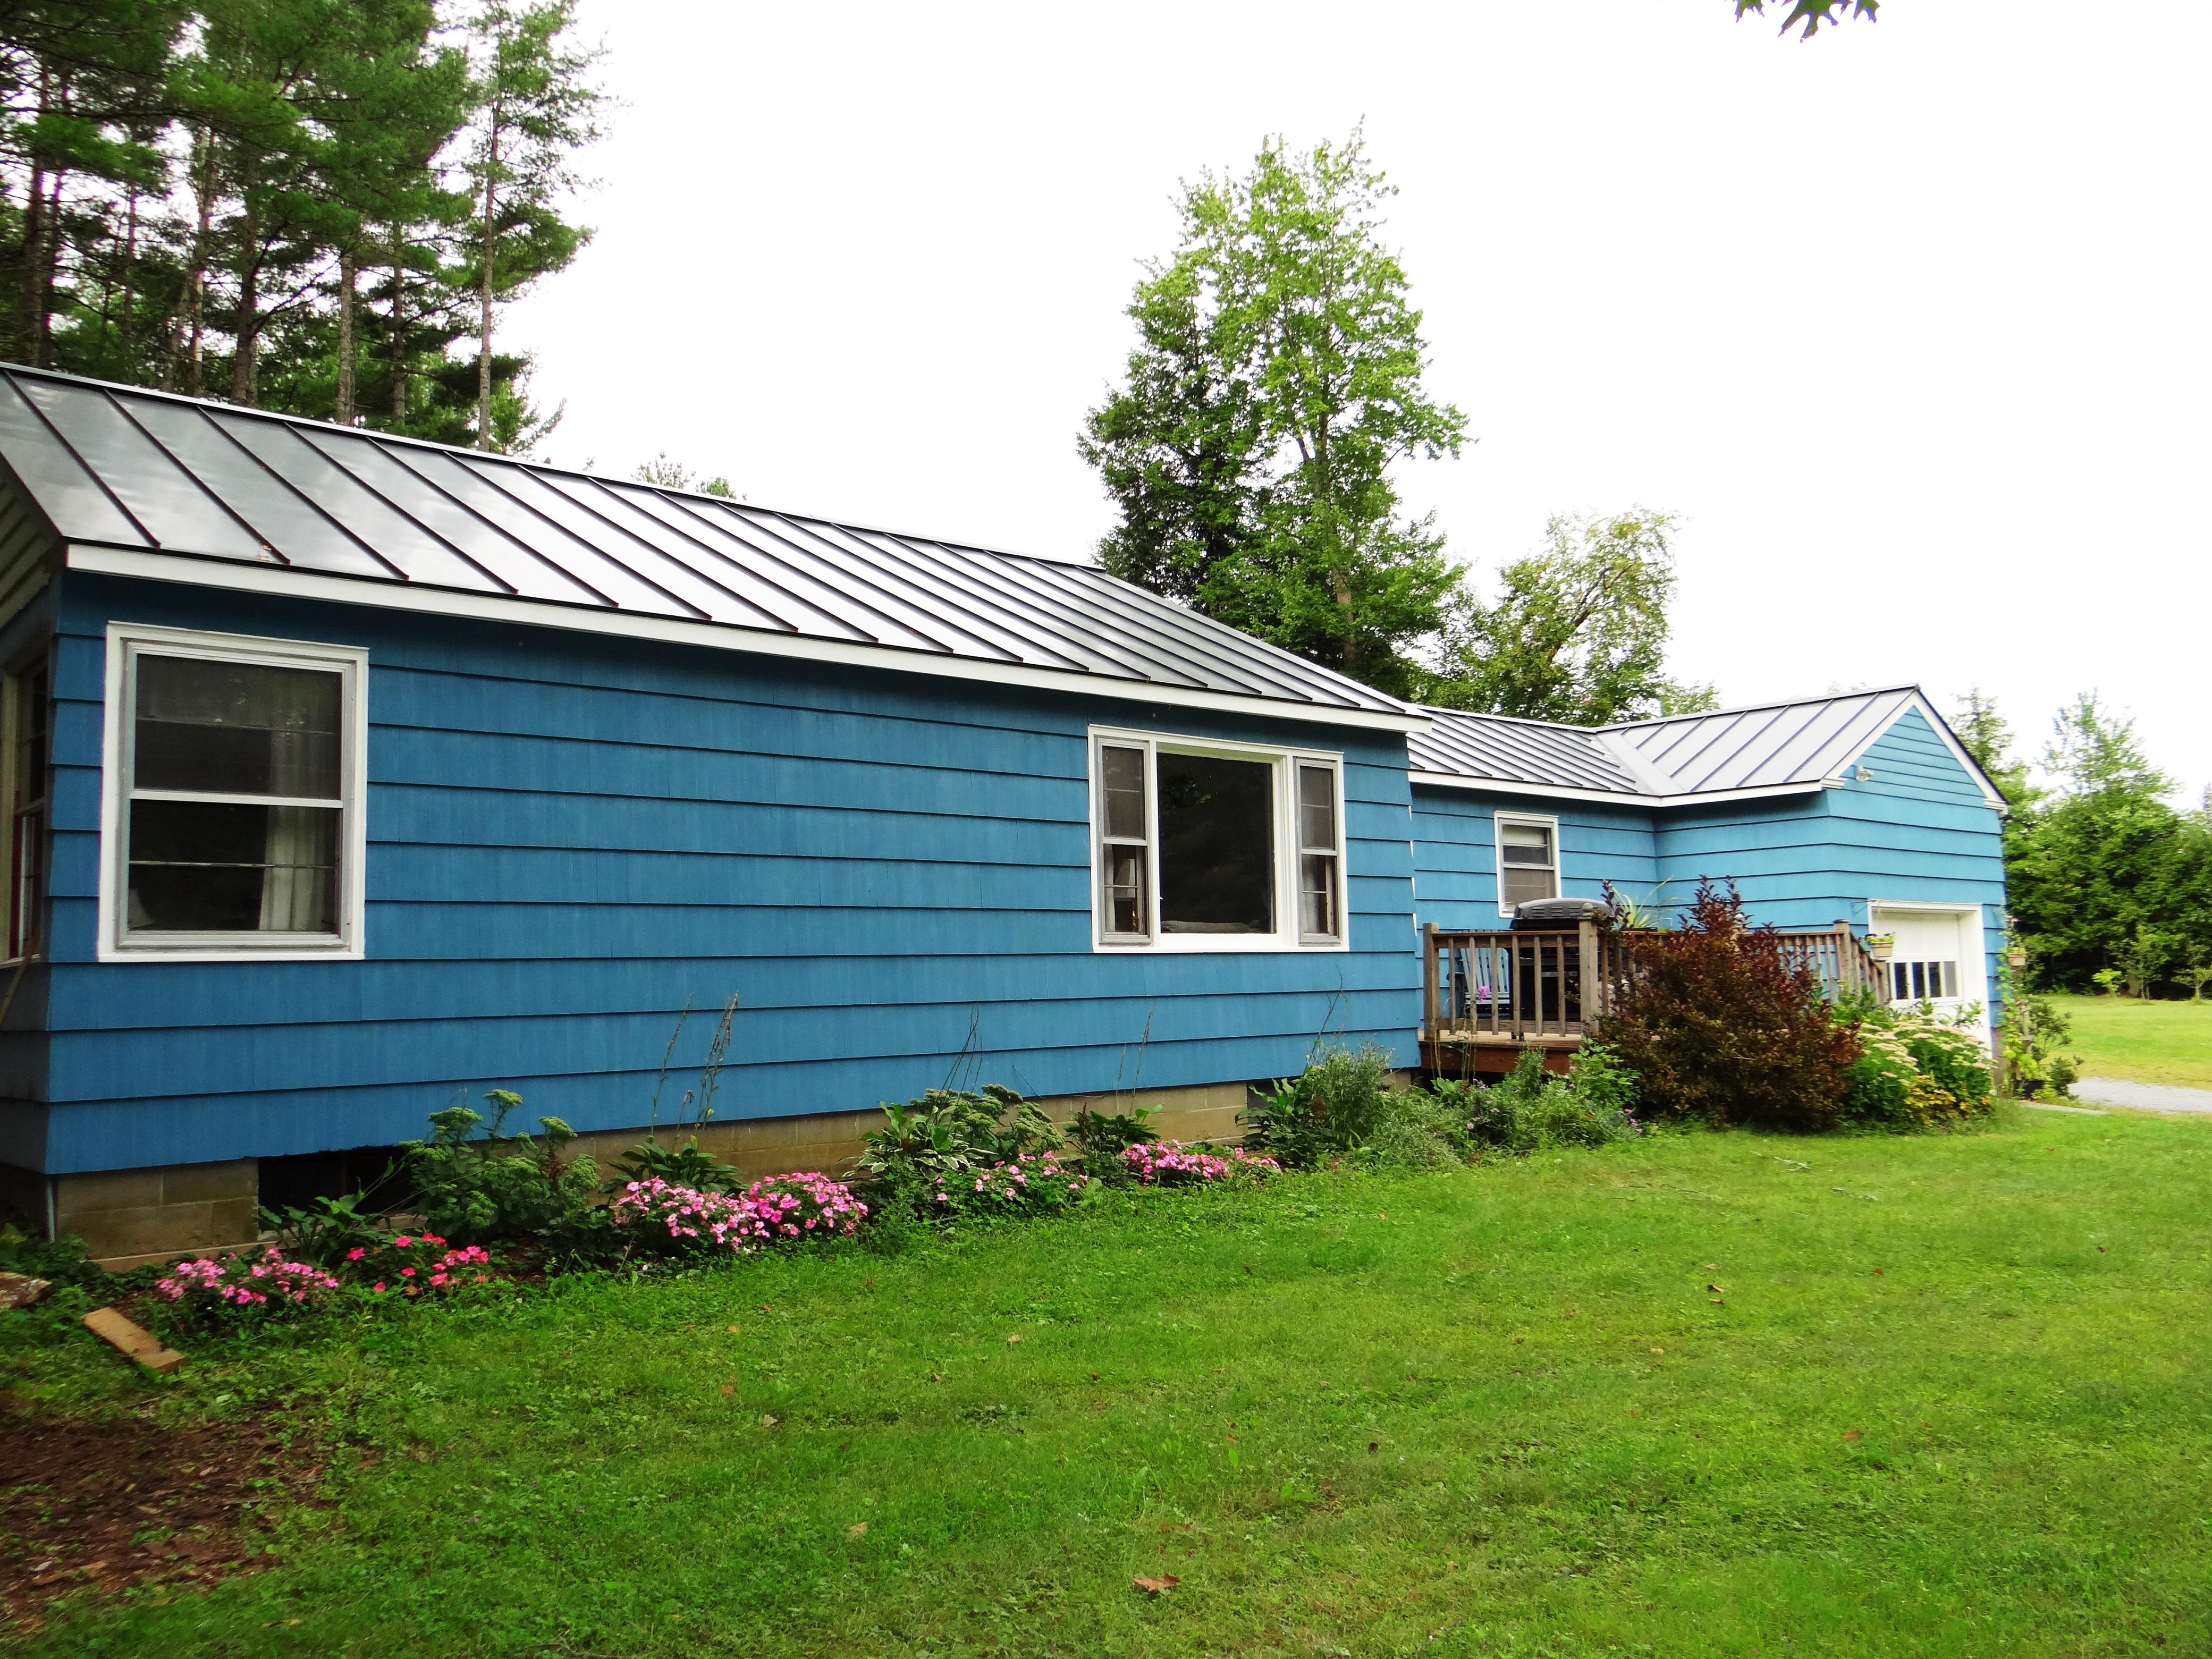 Casa para uma família para Venda às 2861 Governor Meldrim Thomson Memor, Orford Orford, New Hampshire 03777 Estados Unidos